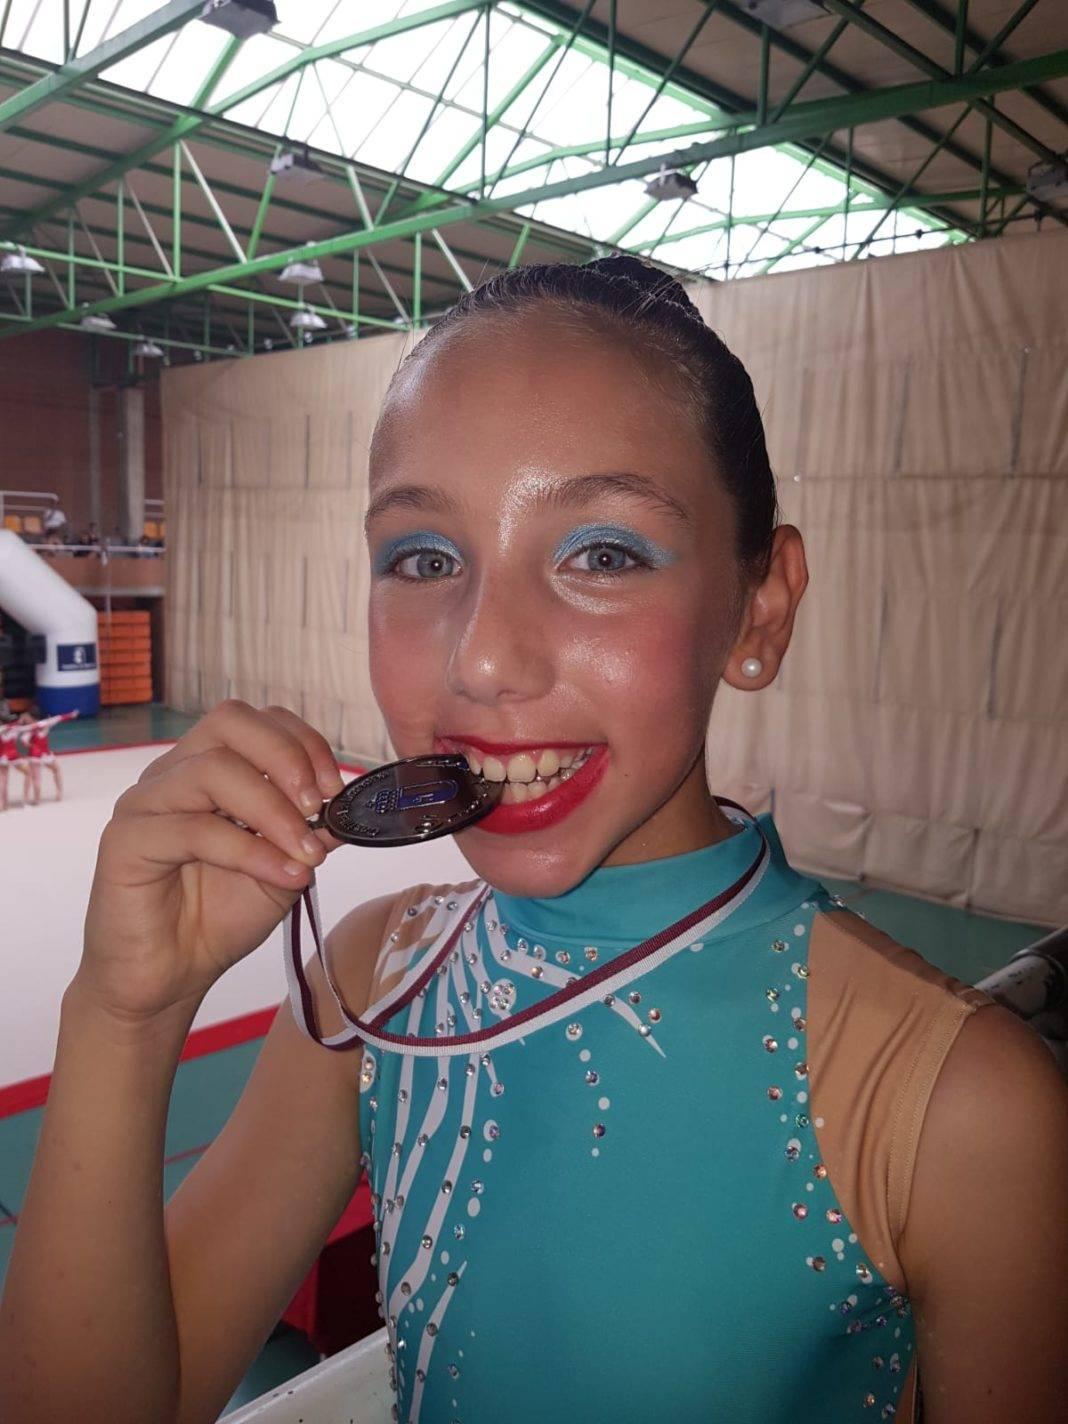 Celia Martin en el campeonato regional de gimnasia ritimica de Albacete4 1068x1424 - Celia Martín subcampeona regional alevín de gimnasia rítmica